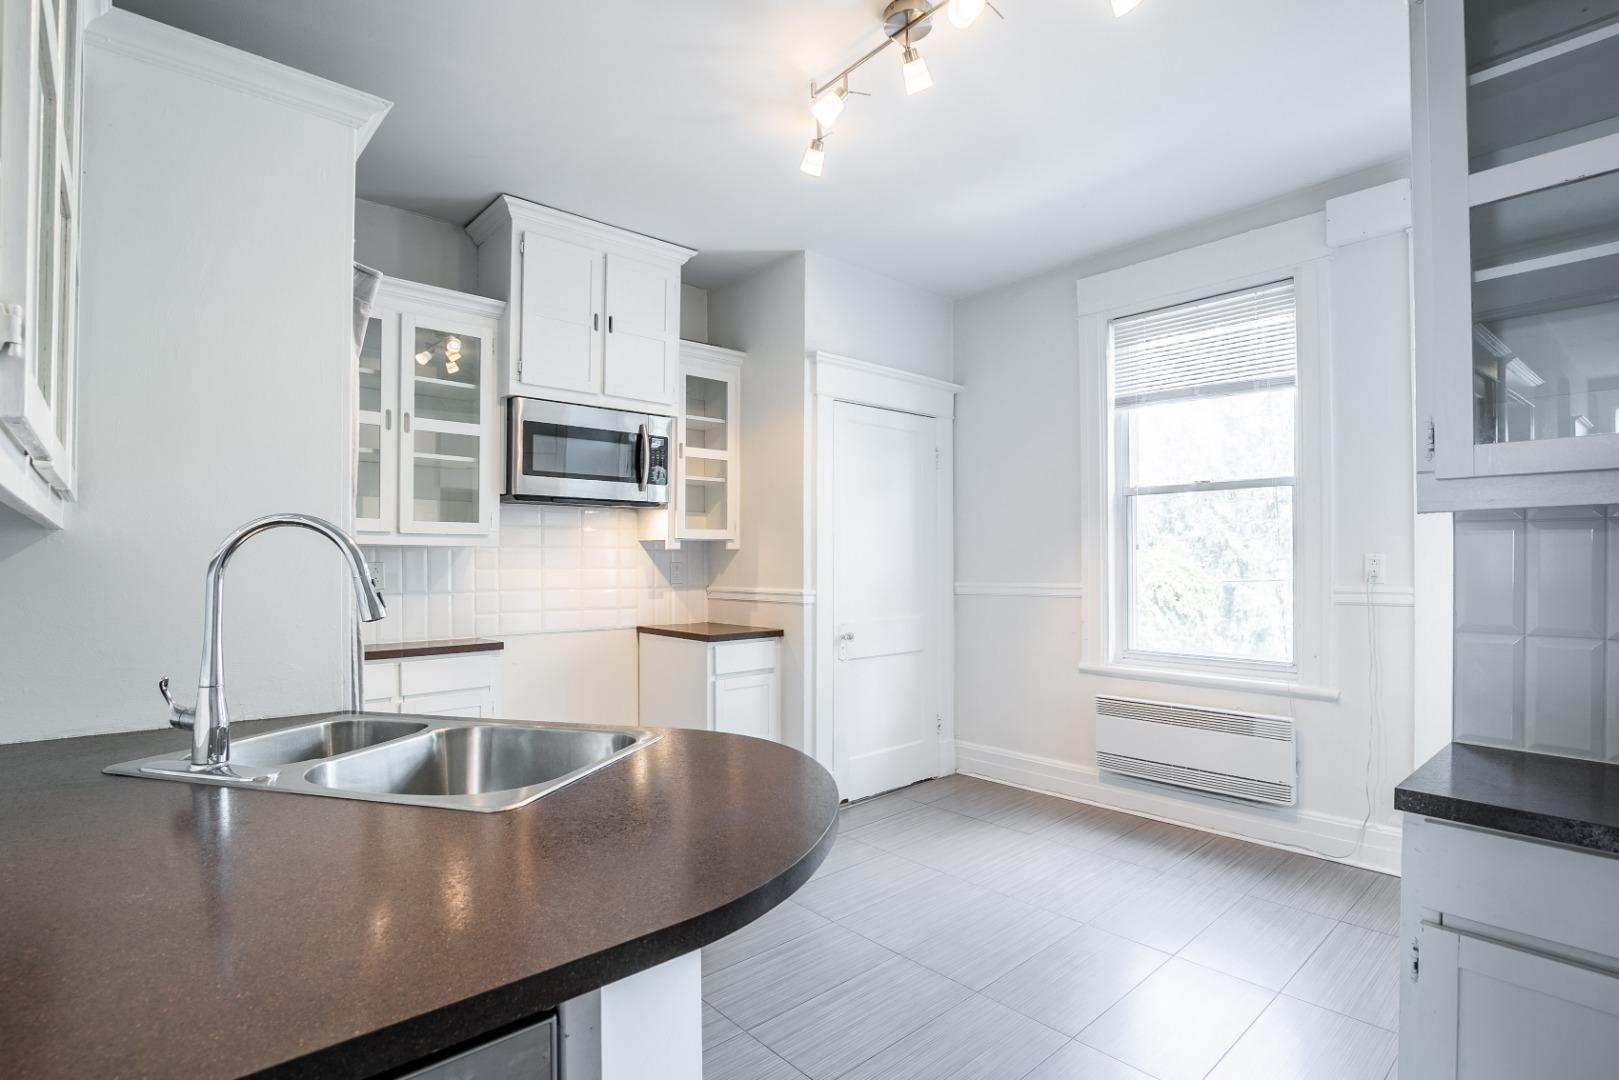 Appartement à louer Rosemont - 6403, rue de Bordeaux 16